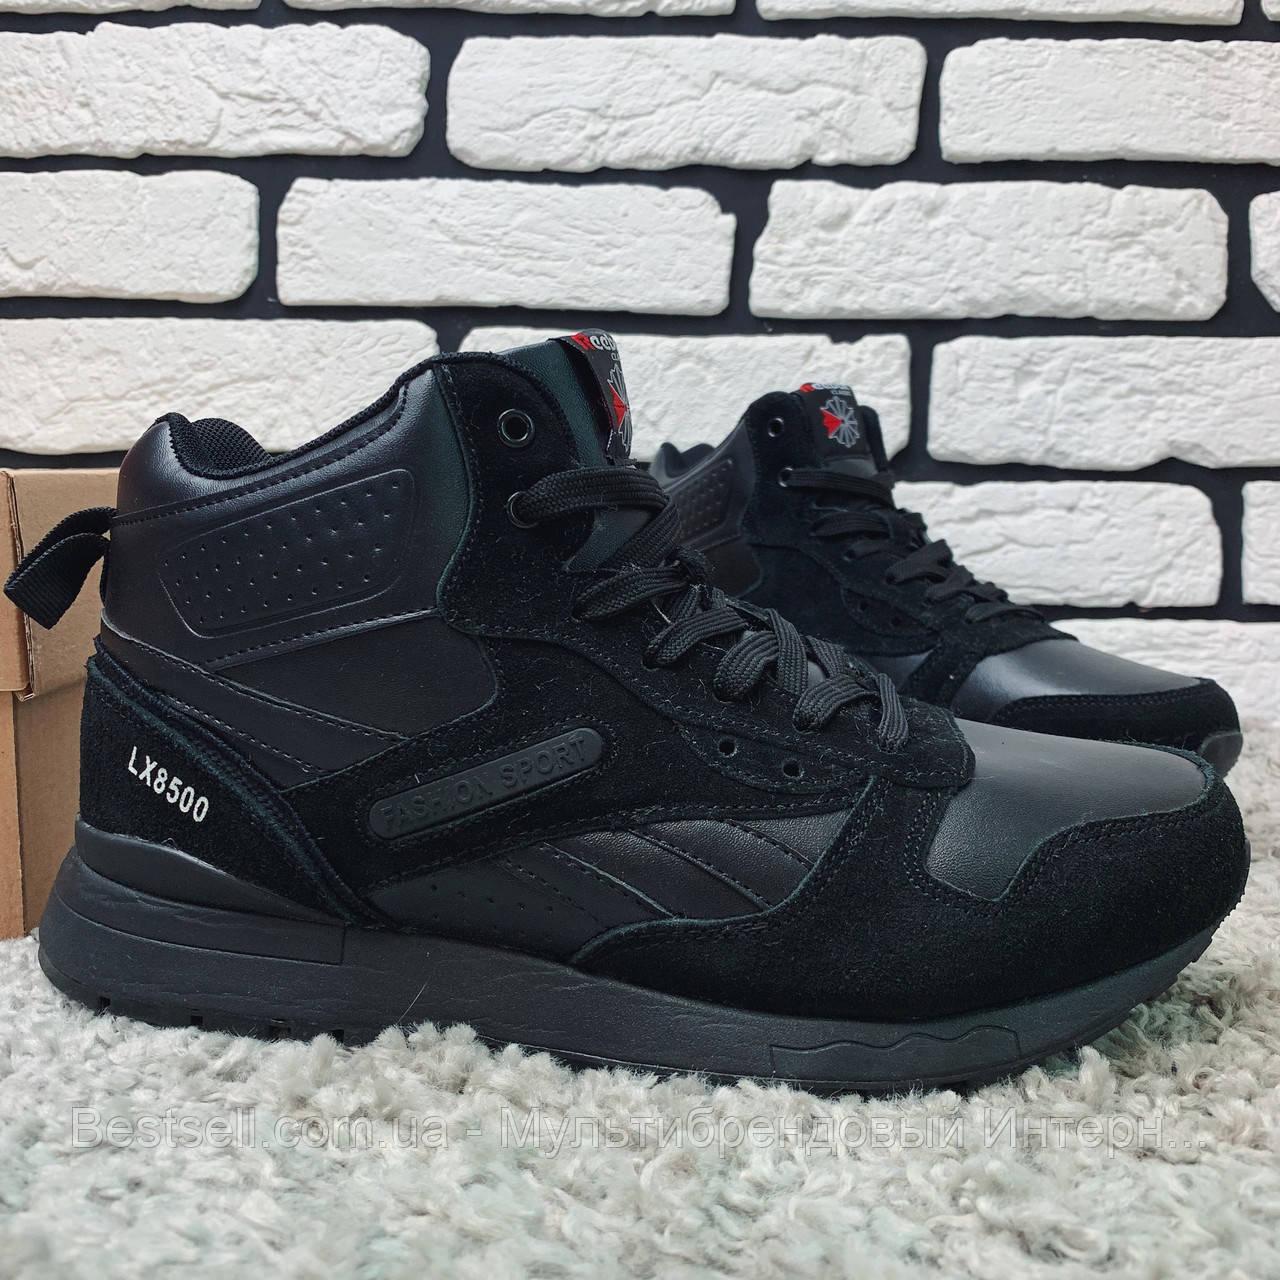 Зимние ботинки (на меху) Reebok Classic LX8500   2-205 ⏩ [46 последний размер ]